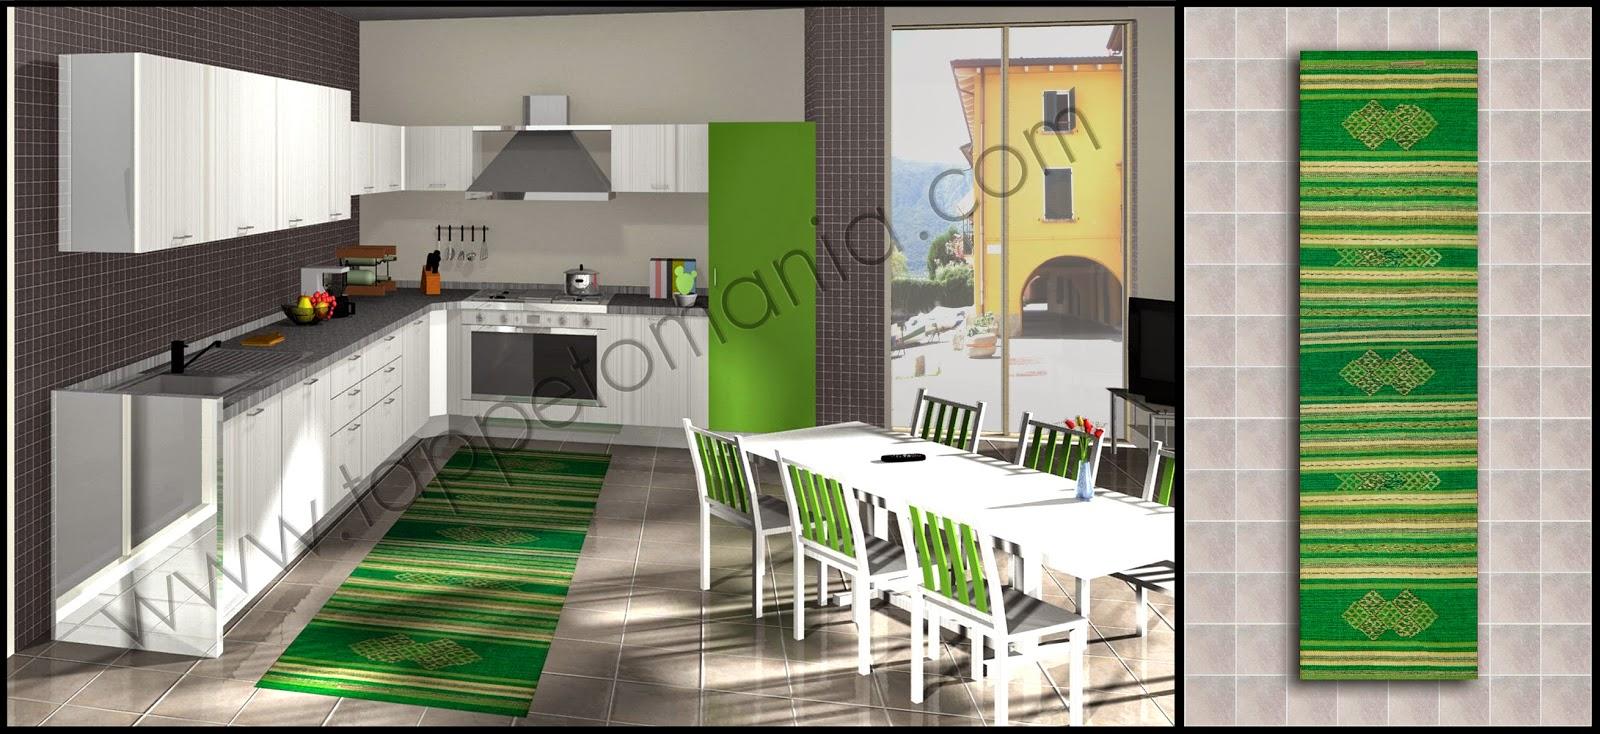 tappeti per la cucina antiscivolo  tappetomania è su Ebay ...